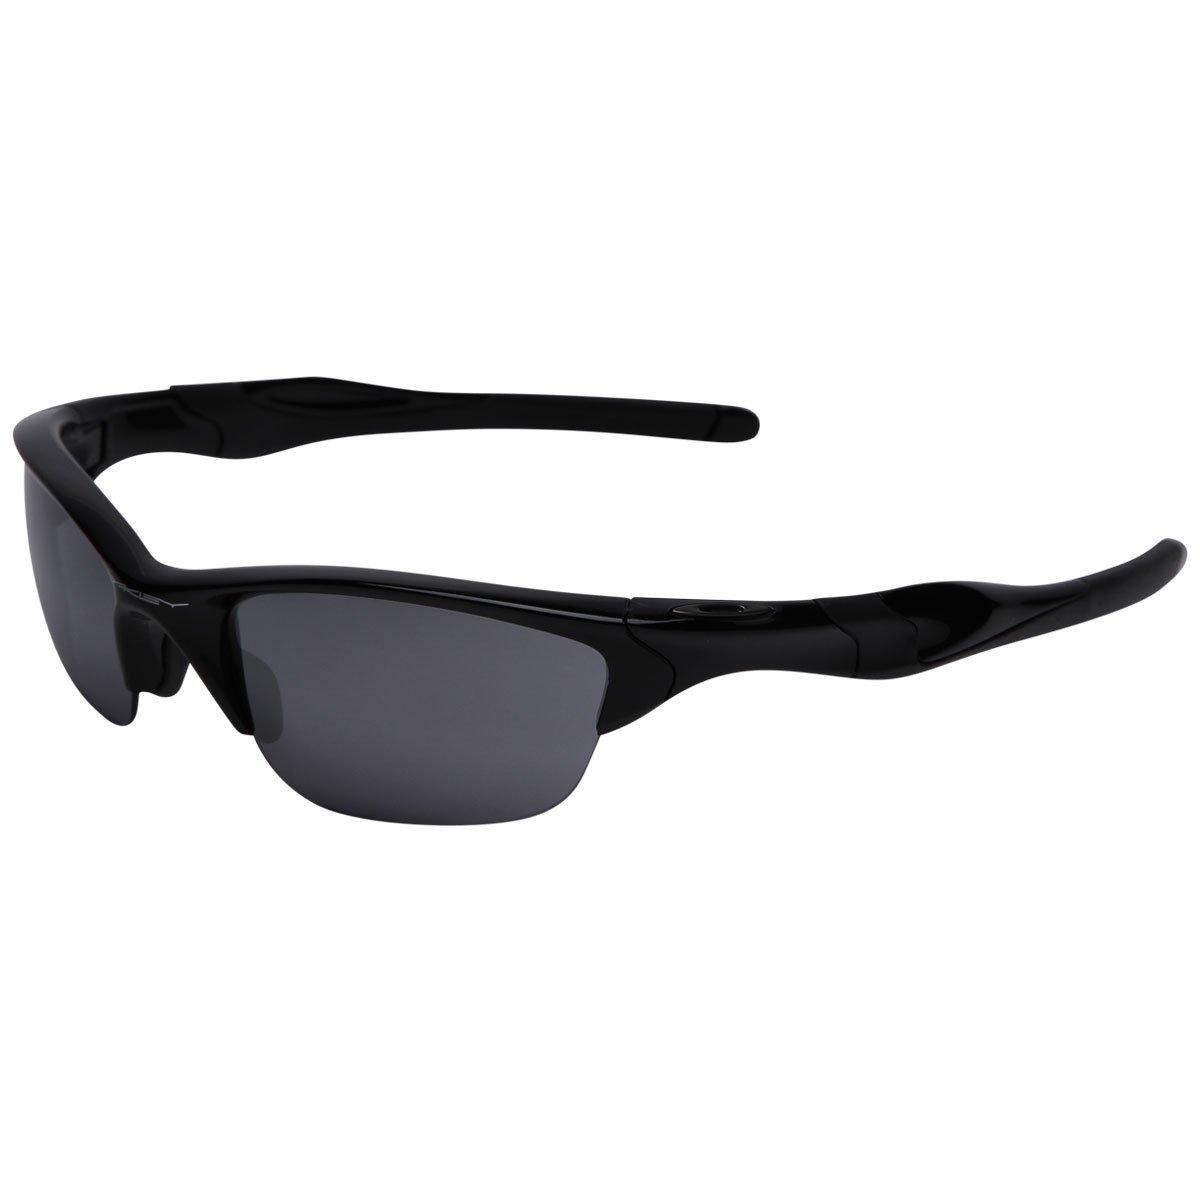 95cd80a3e570d Óculos Oakley Half Jacket 2.0 - Compre Agora